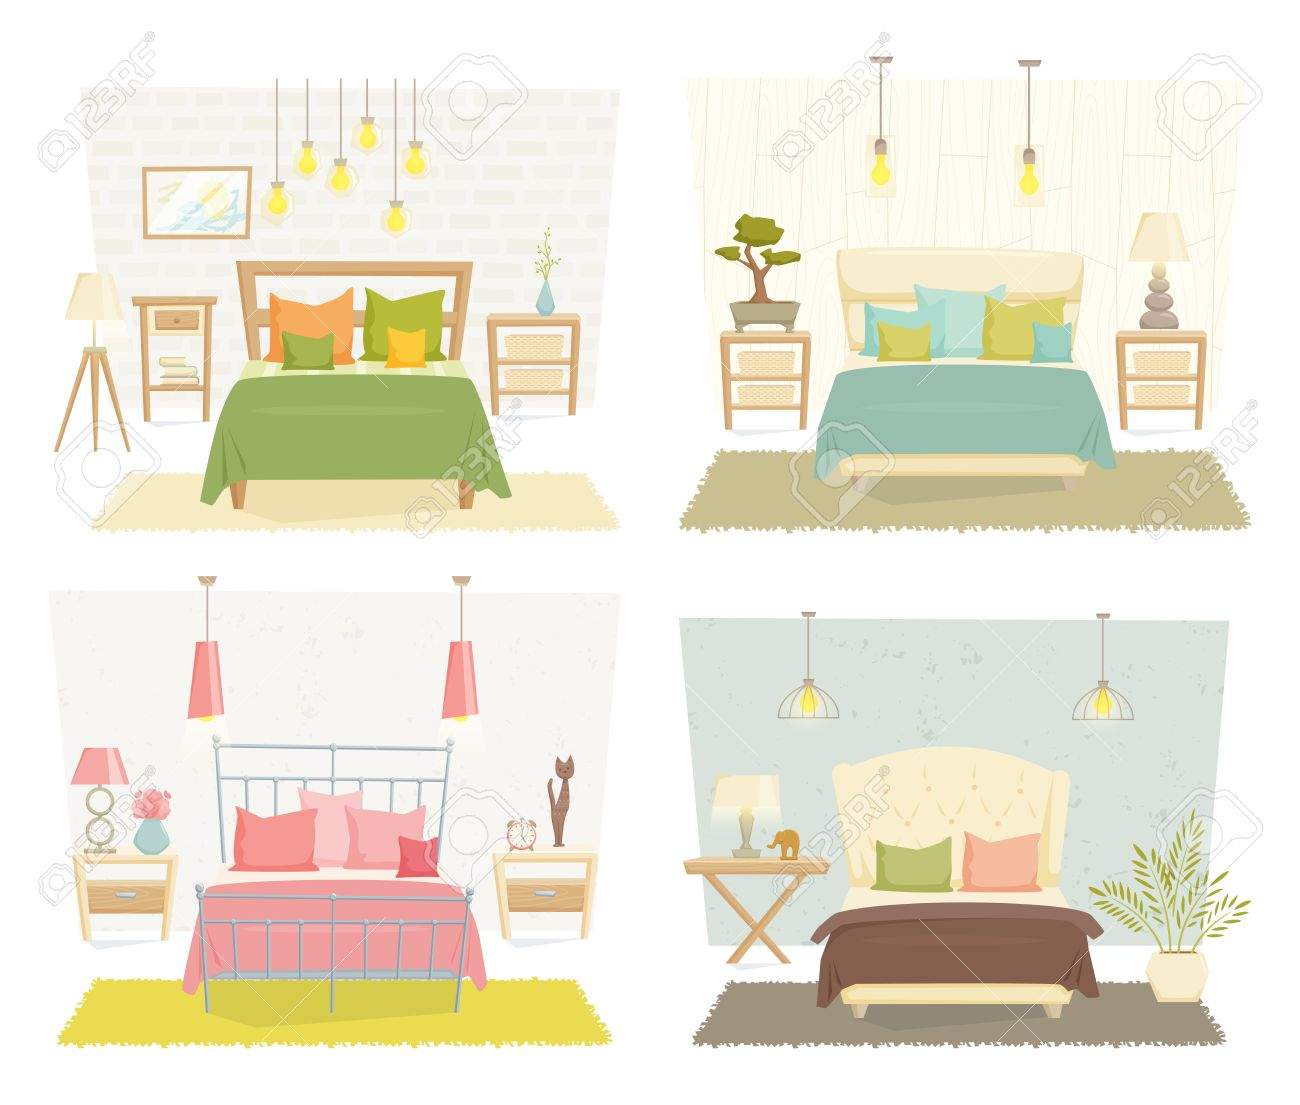 banque dimages chambre intrieure avec des meubles et jeu de dcoration chambre bande dessine intrieure illustration vectorielle